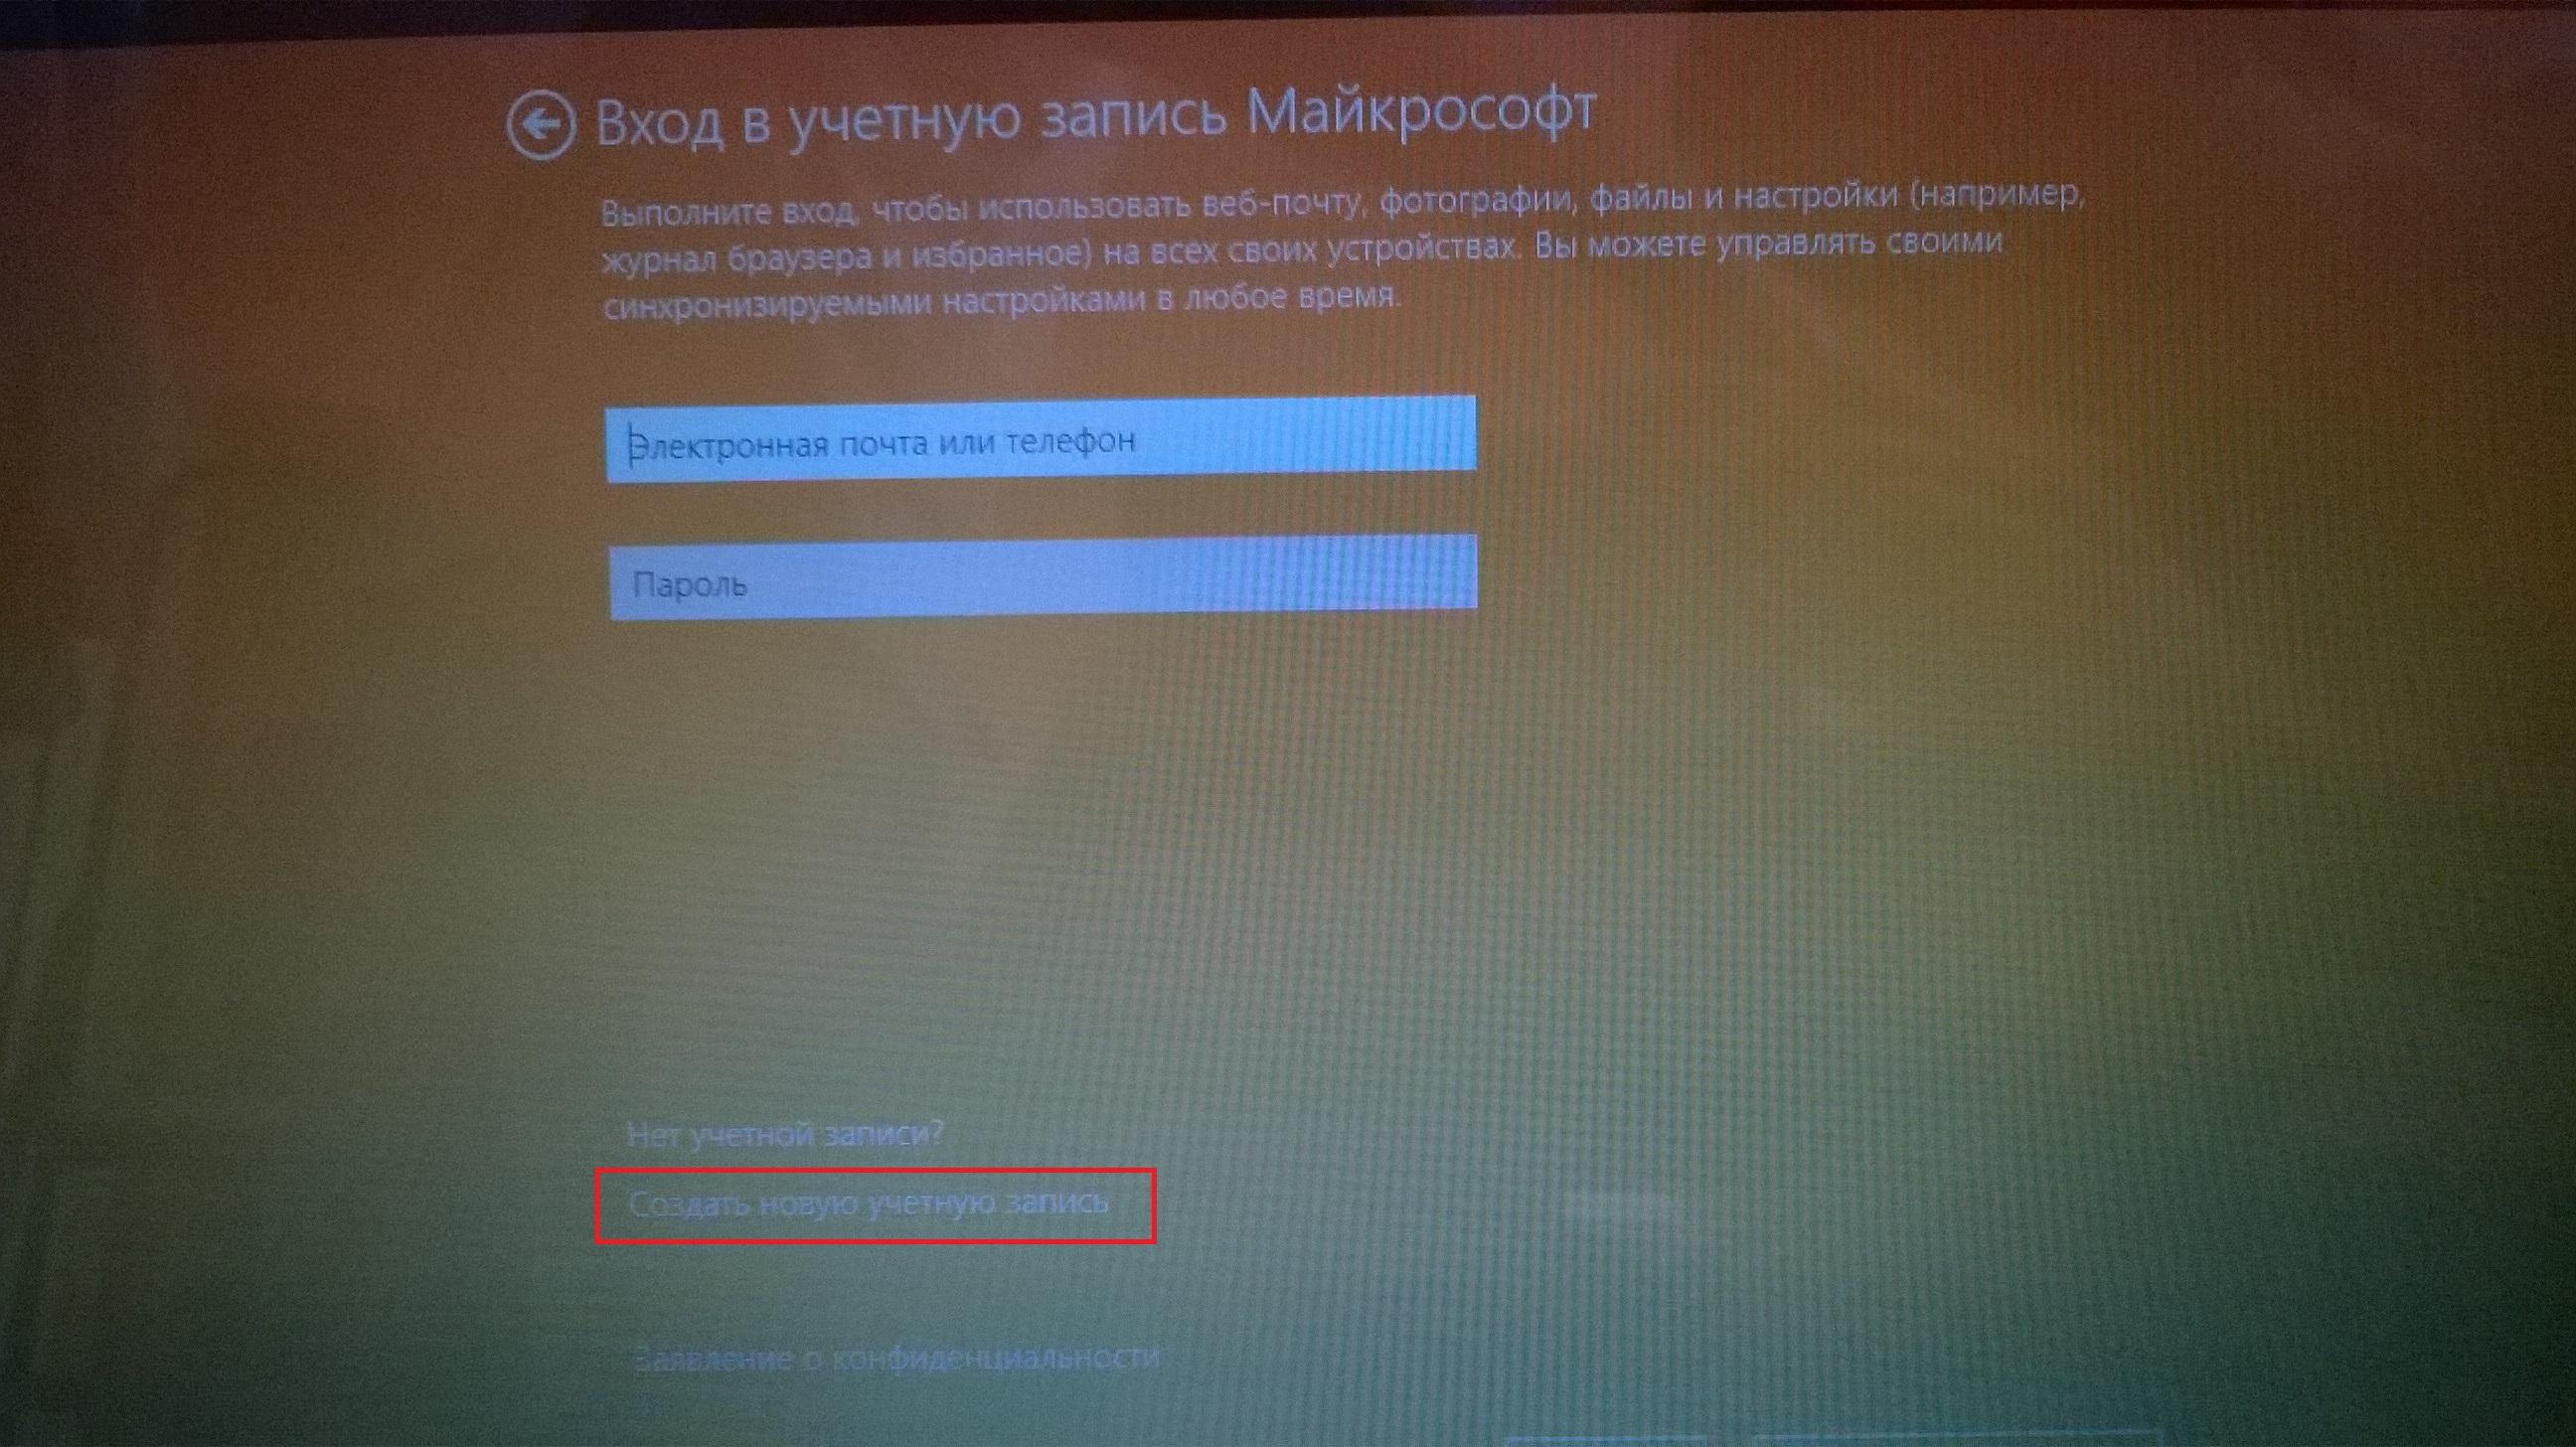 Windows 8.1 - вход в учетную запись Майкрософт